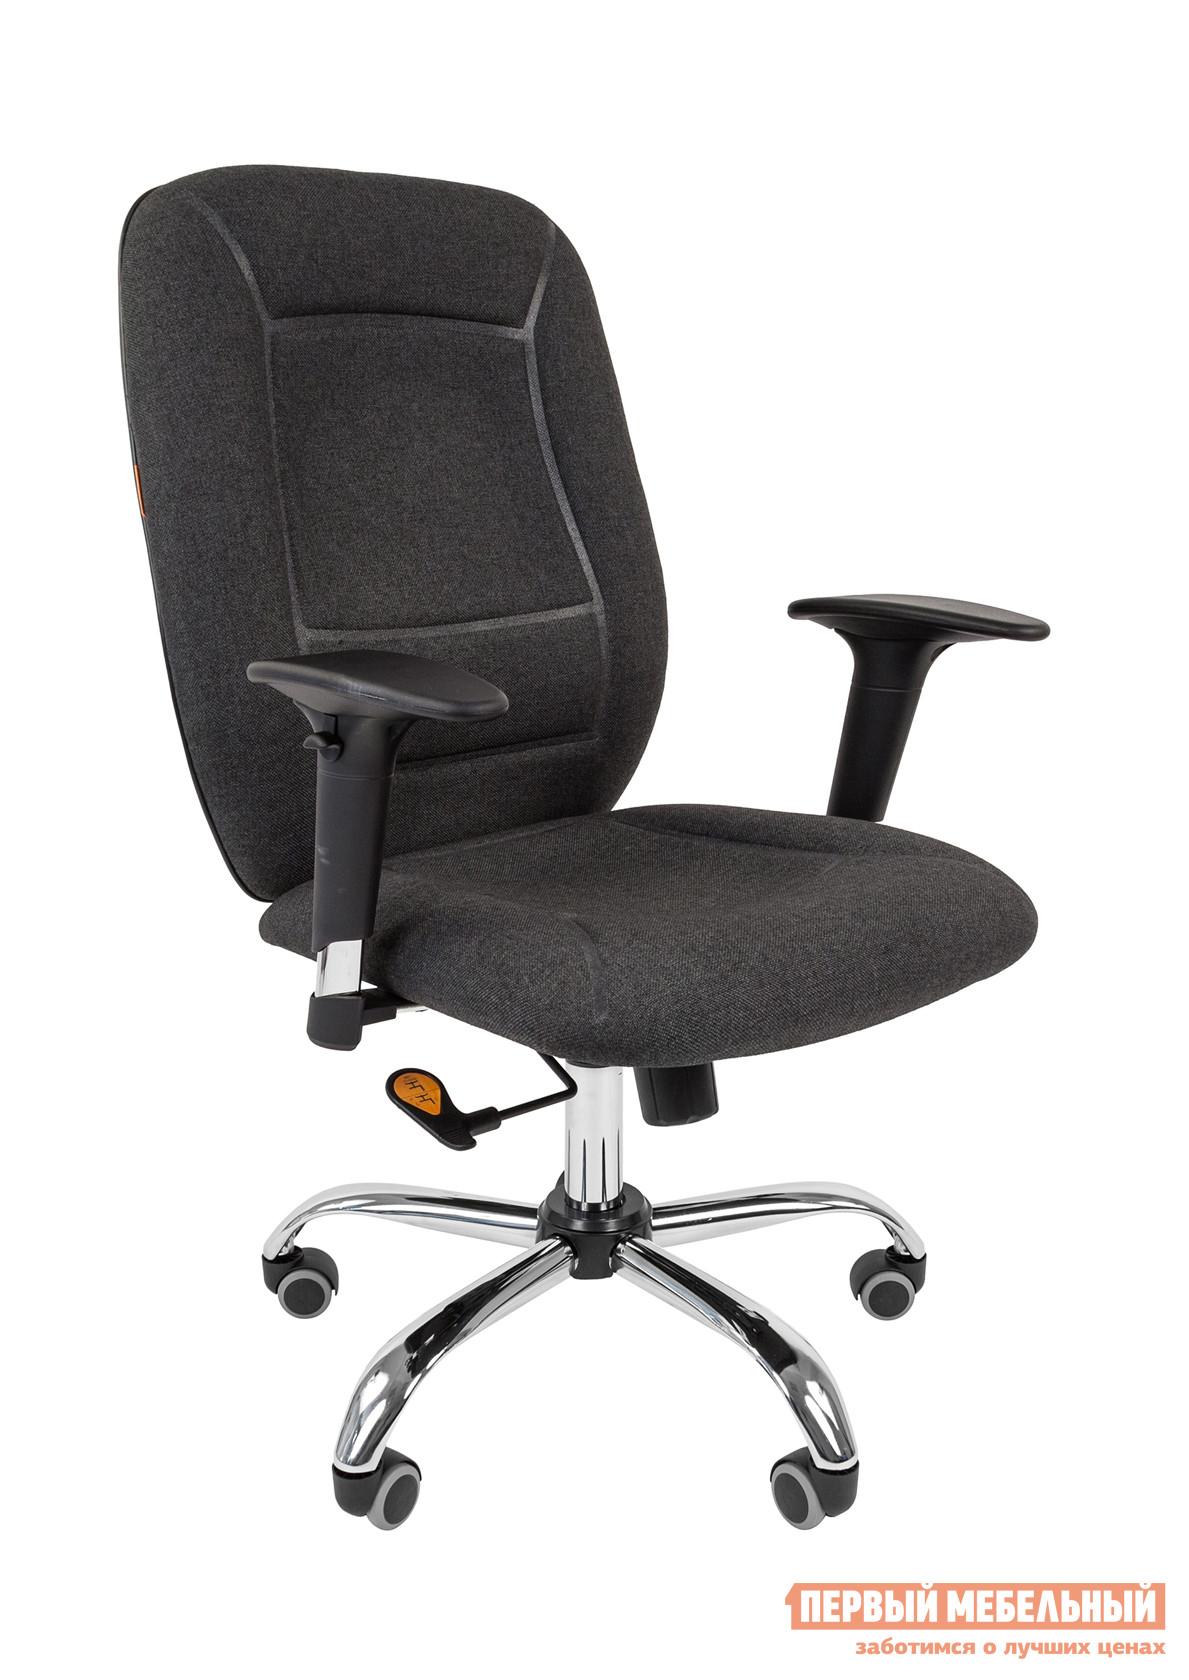 Офисное кресло Тайпит Офисное кресло Chairman 888 офисное